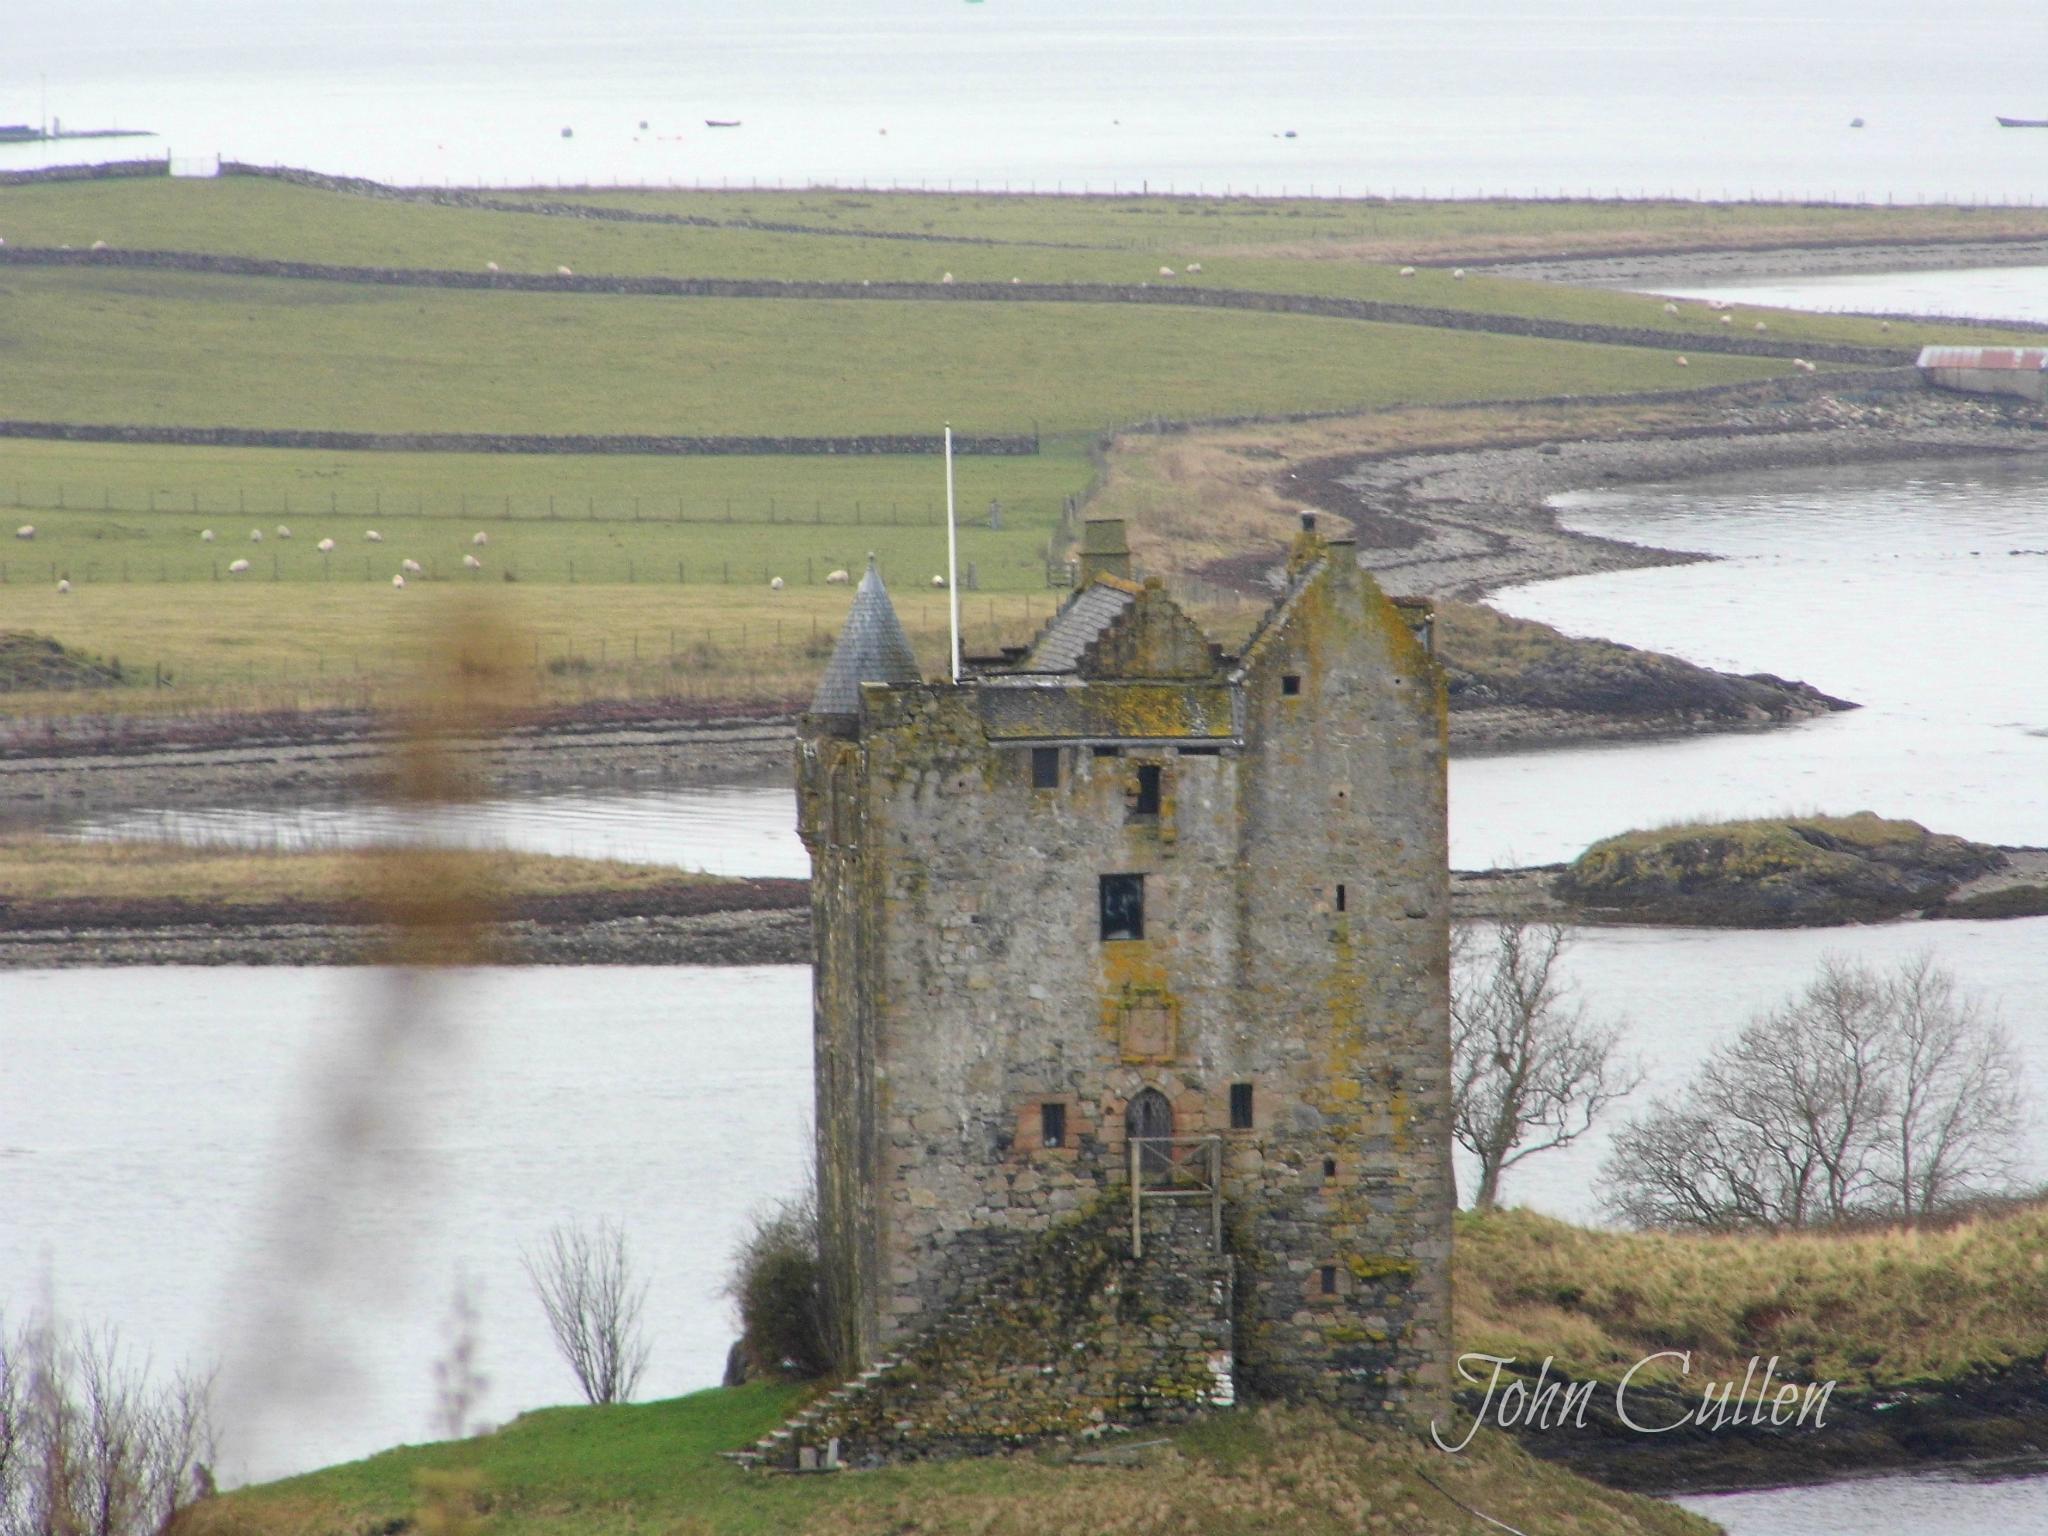 castle stalker by John Cullen